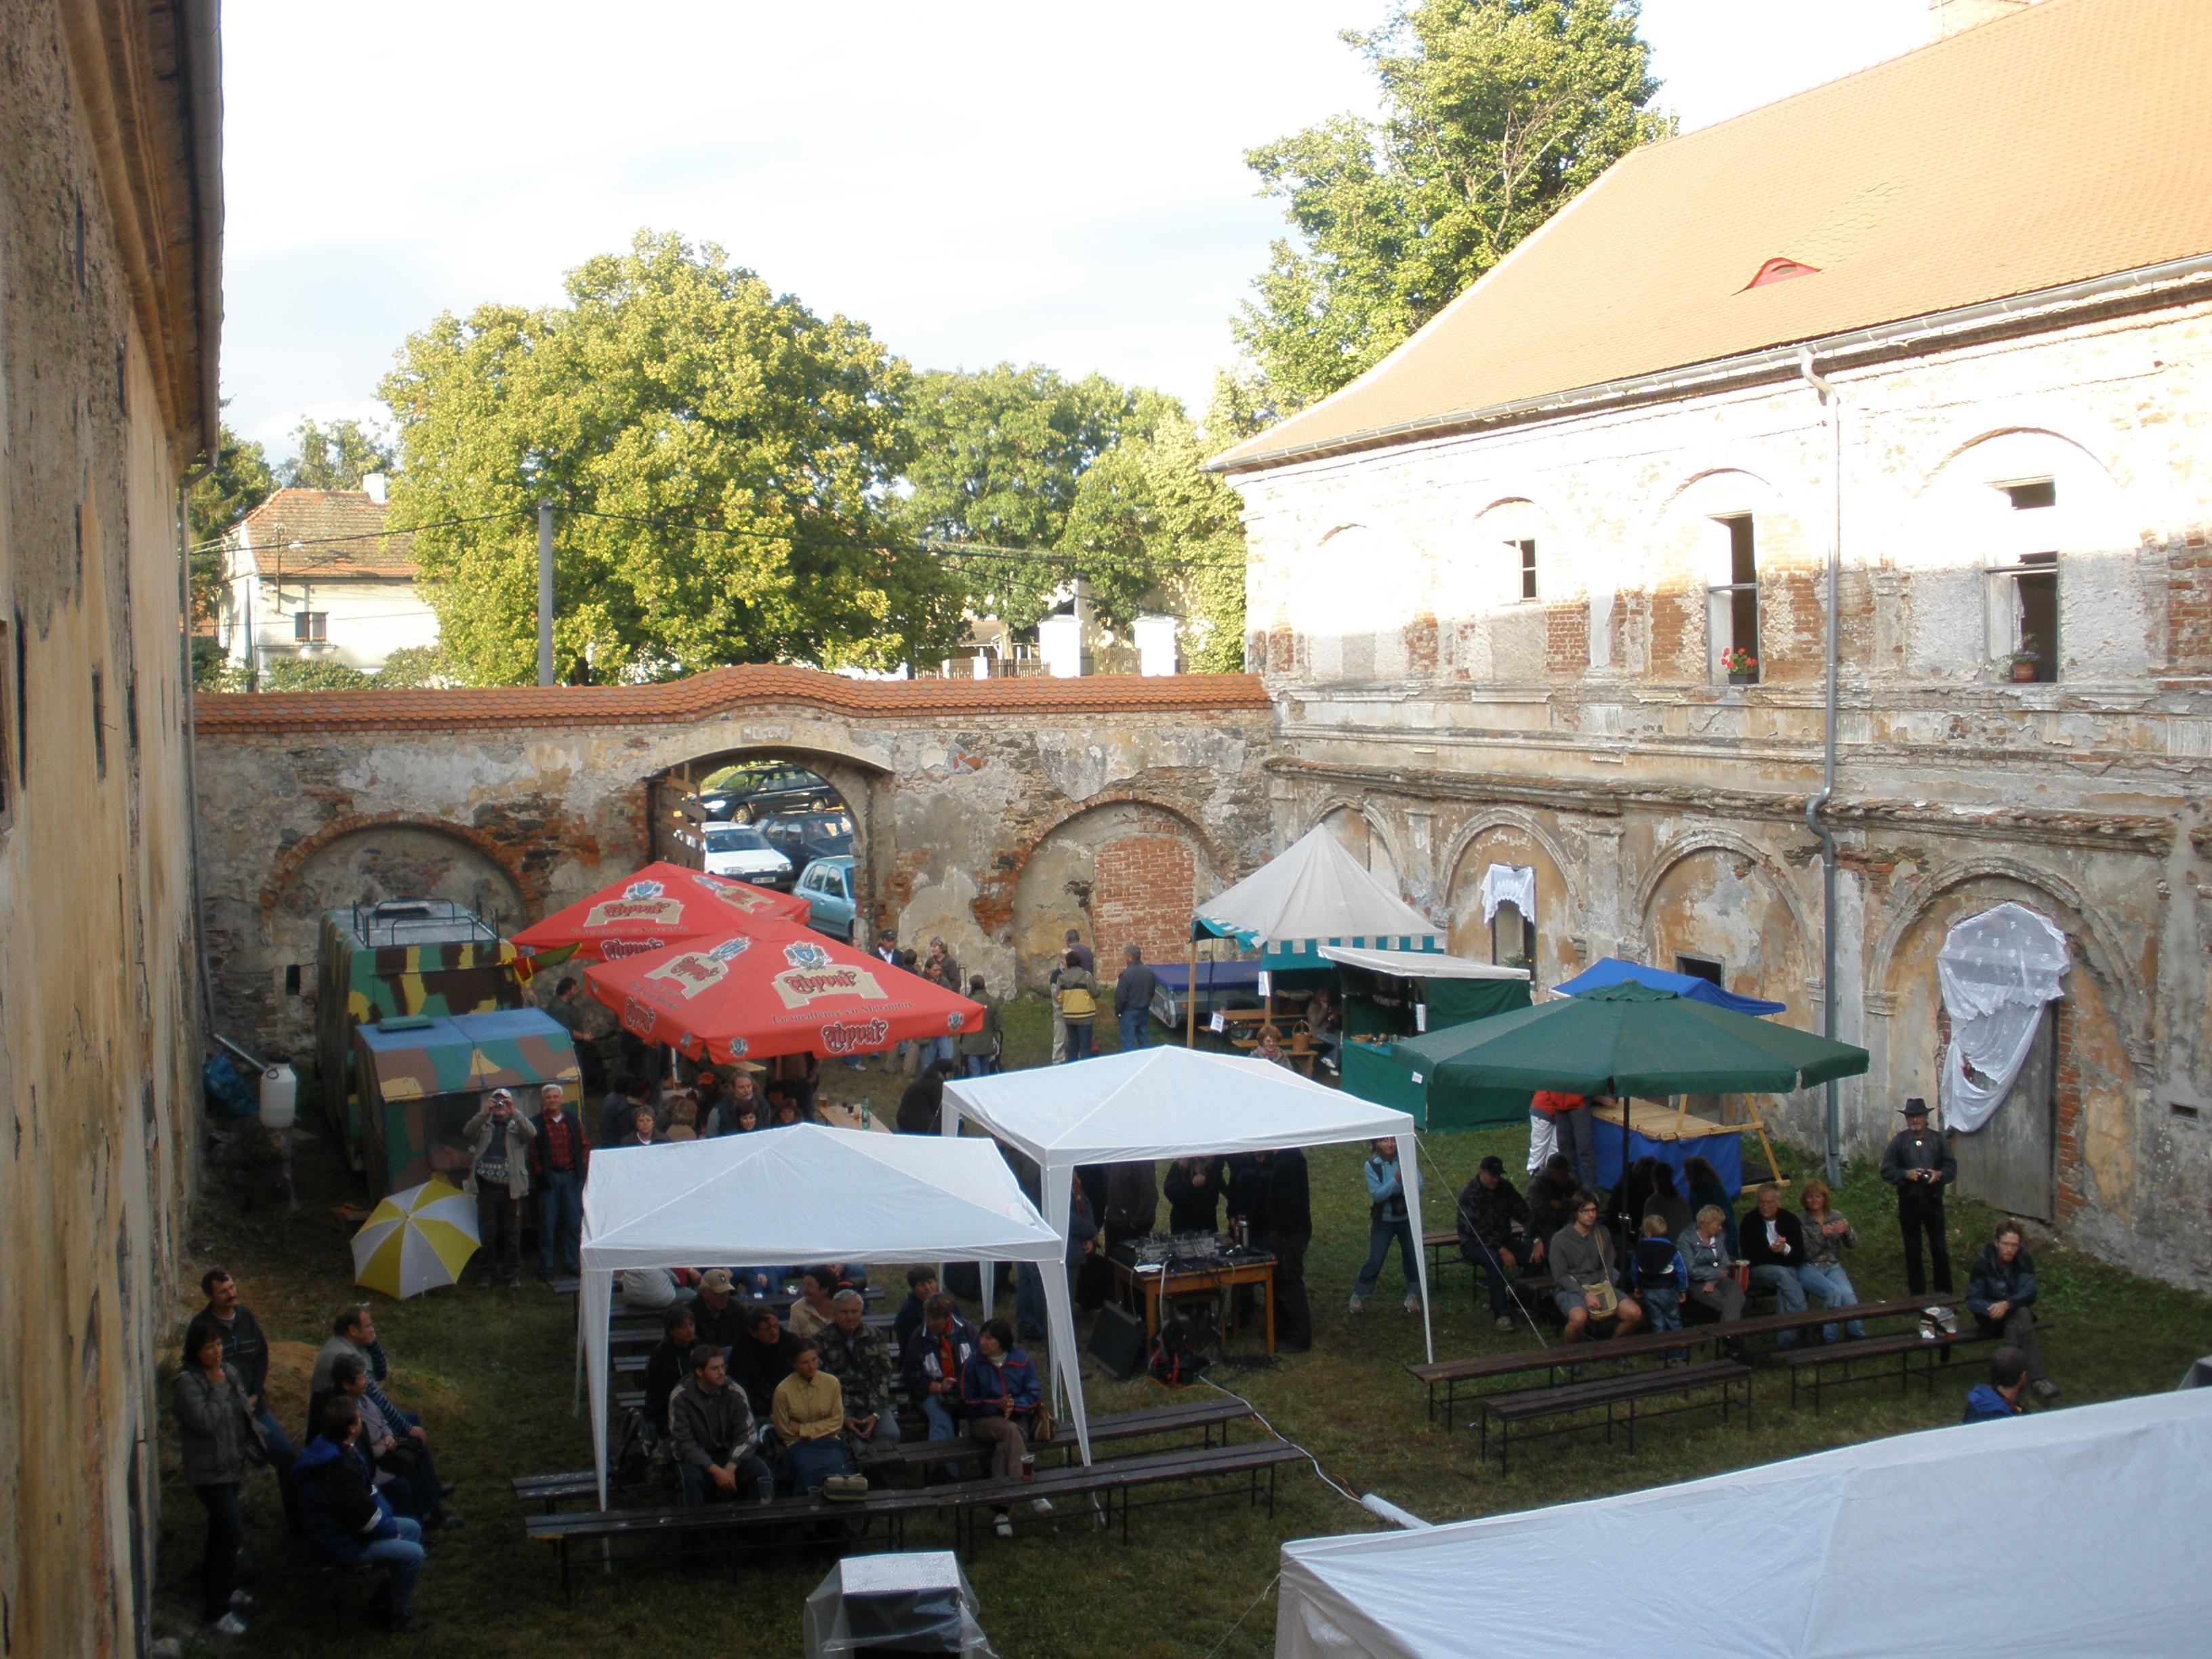 1. Festival 2009